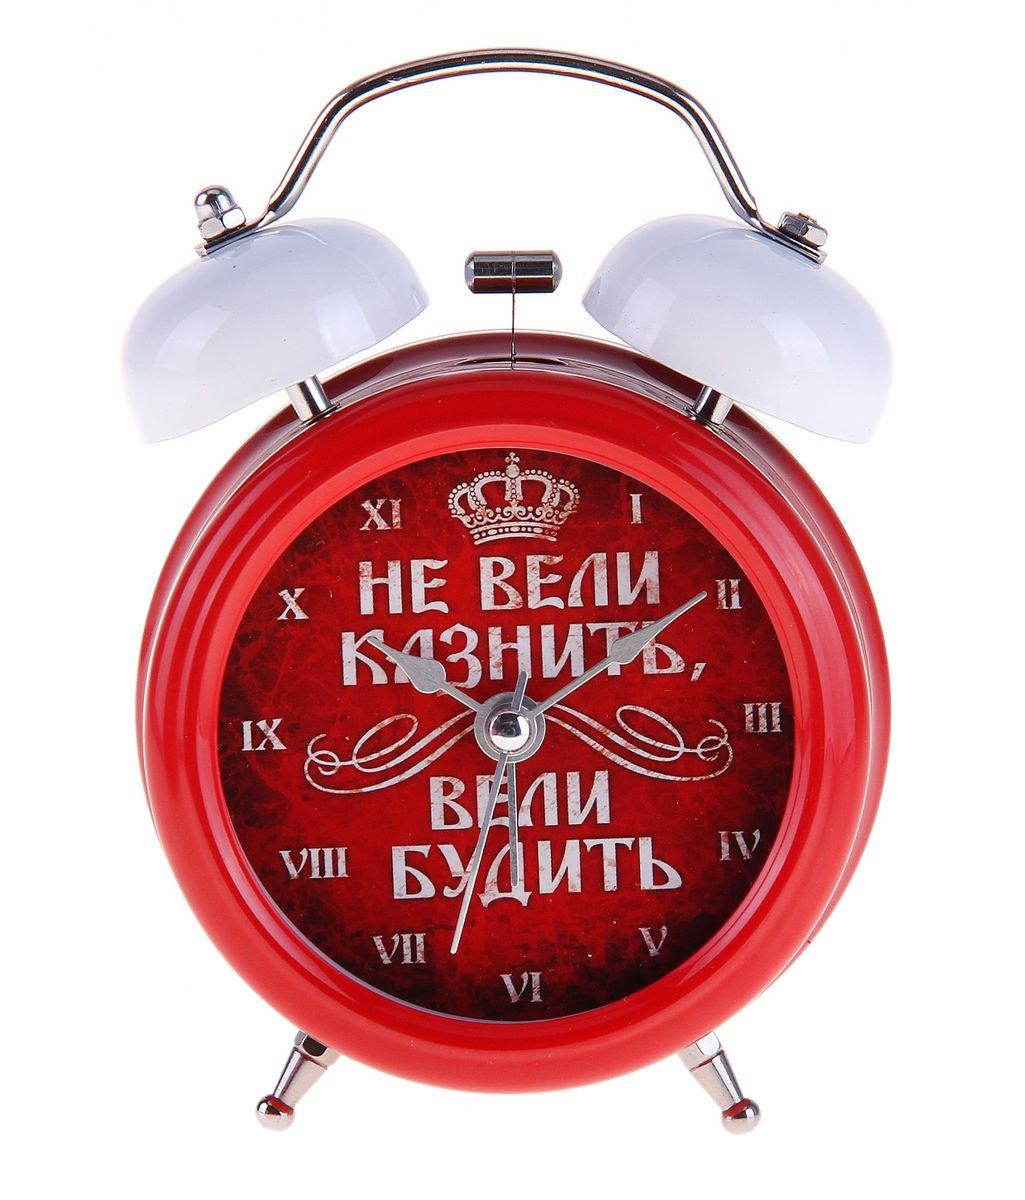 Часы-будильник Sima-land Вели будить728394Как же сложно иногда вставать вовремя! Всегда так хочется поспать еще хотя бы 5 минут и бывает, что мы просыпаем. Теперь этого не случится! Яркий, оригинальный будильник Sima-land Вели будить поможет вам всегда вставать в нужное время и успевать везде и всюду. Корпус будильника выполнен из металла. Циферблат оформлен забавной надписью: Не вели казнить, вели будить, имеет индикацию римскими цифрами. Часы снабжены 4 стрелками (секундная, минутная, часовая и для будильника). На задней панели будильника расположен переключатель включения/выключения механизма, а также два колесика для настройки текущего времени и времени звонка будильника. Пользоваться будильником очень легко: нужно всего лишь поставить батарейку, настроить точное время и установить время звонка.Необходимо докупить 1 батарейку типа АА (не входит в комплект).